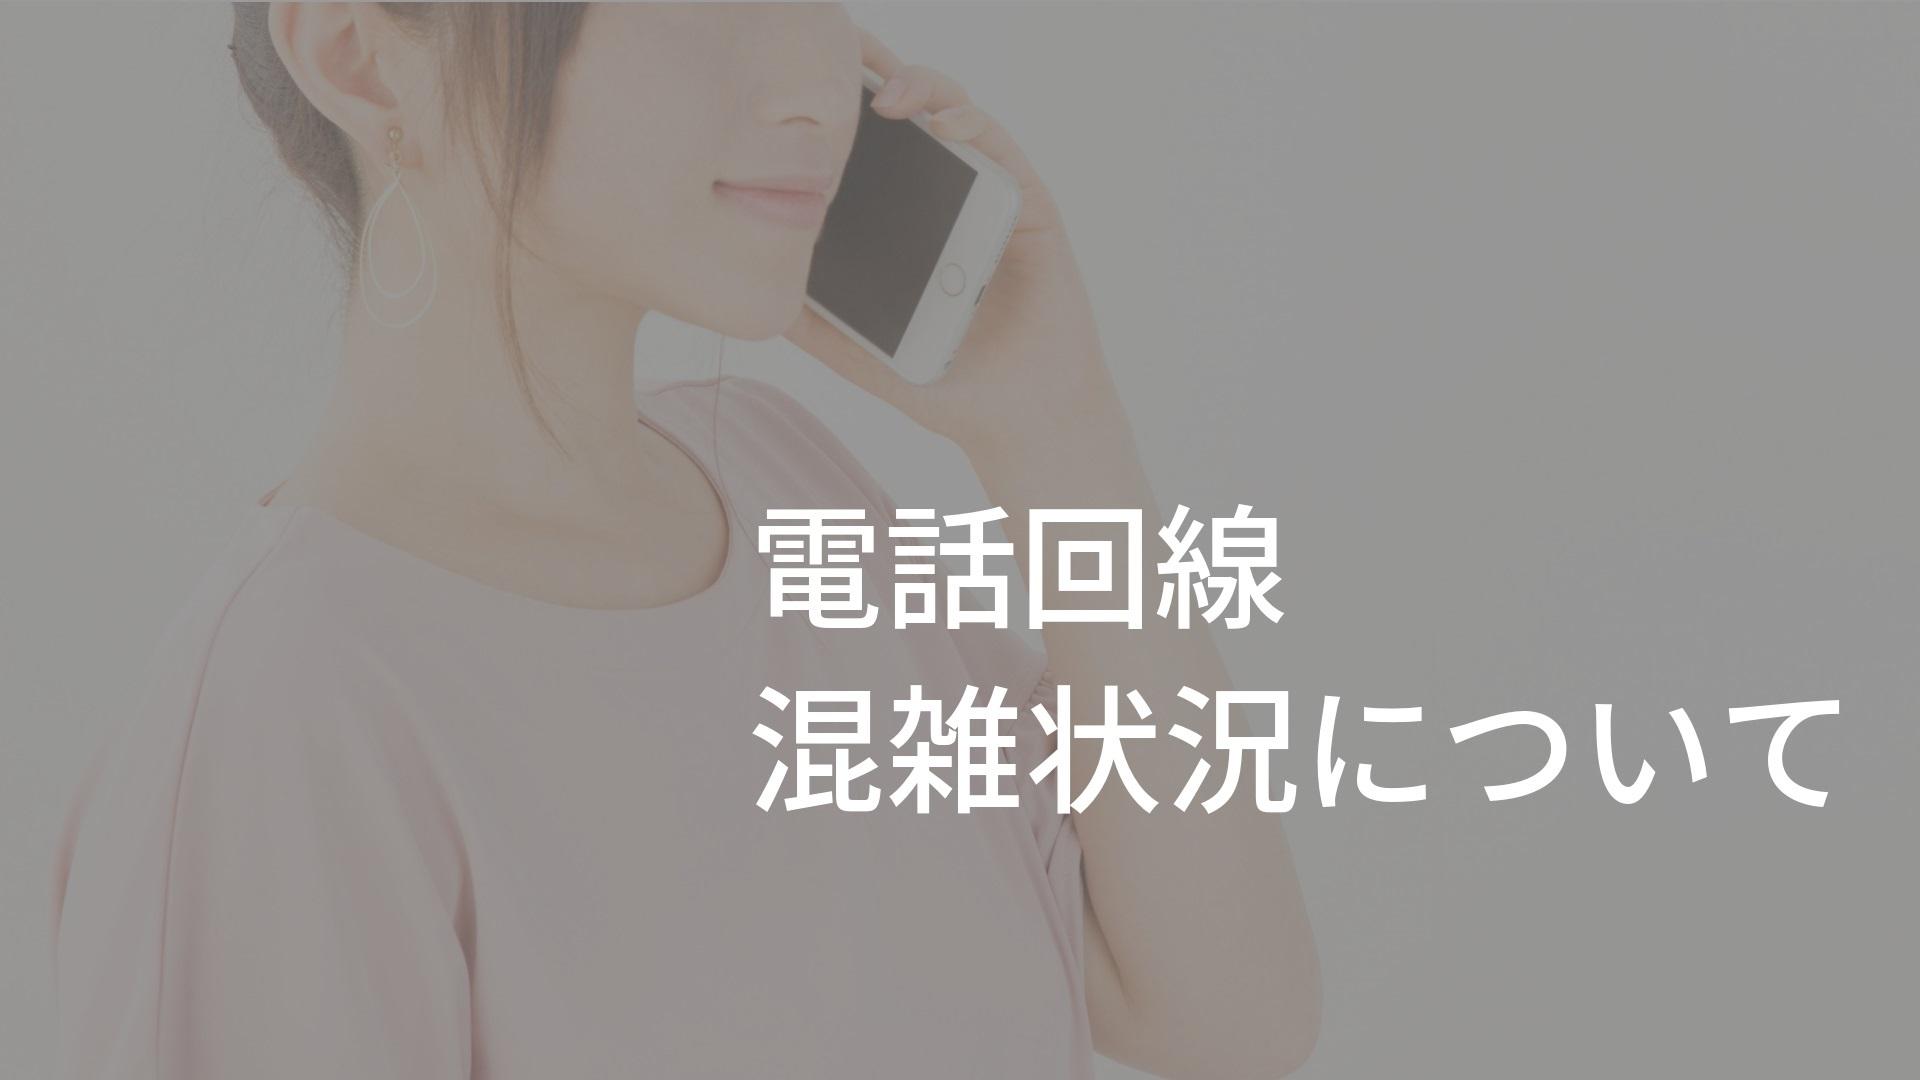 電話回線の混雑状況について